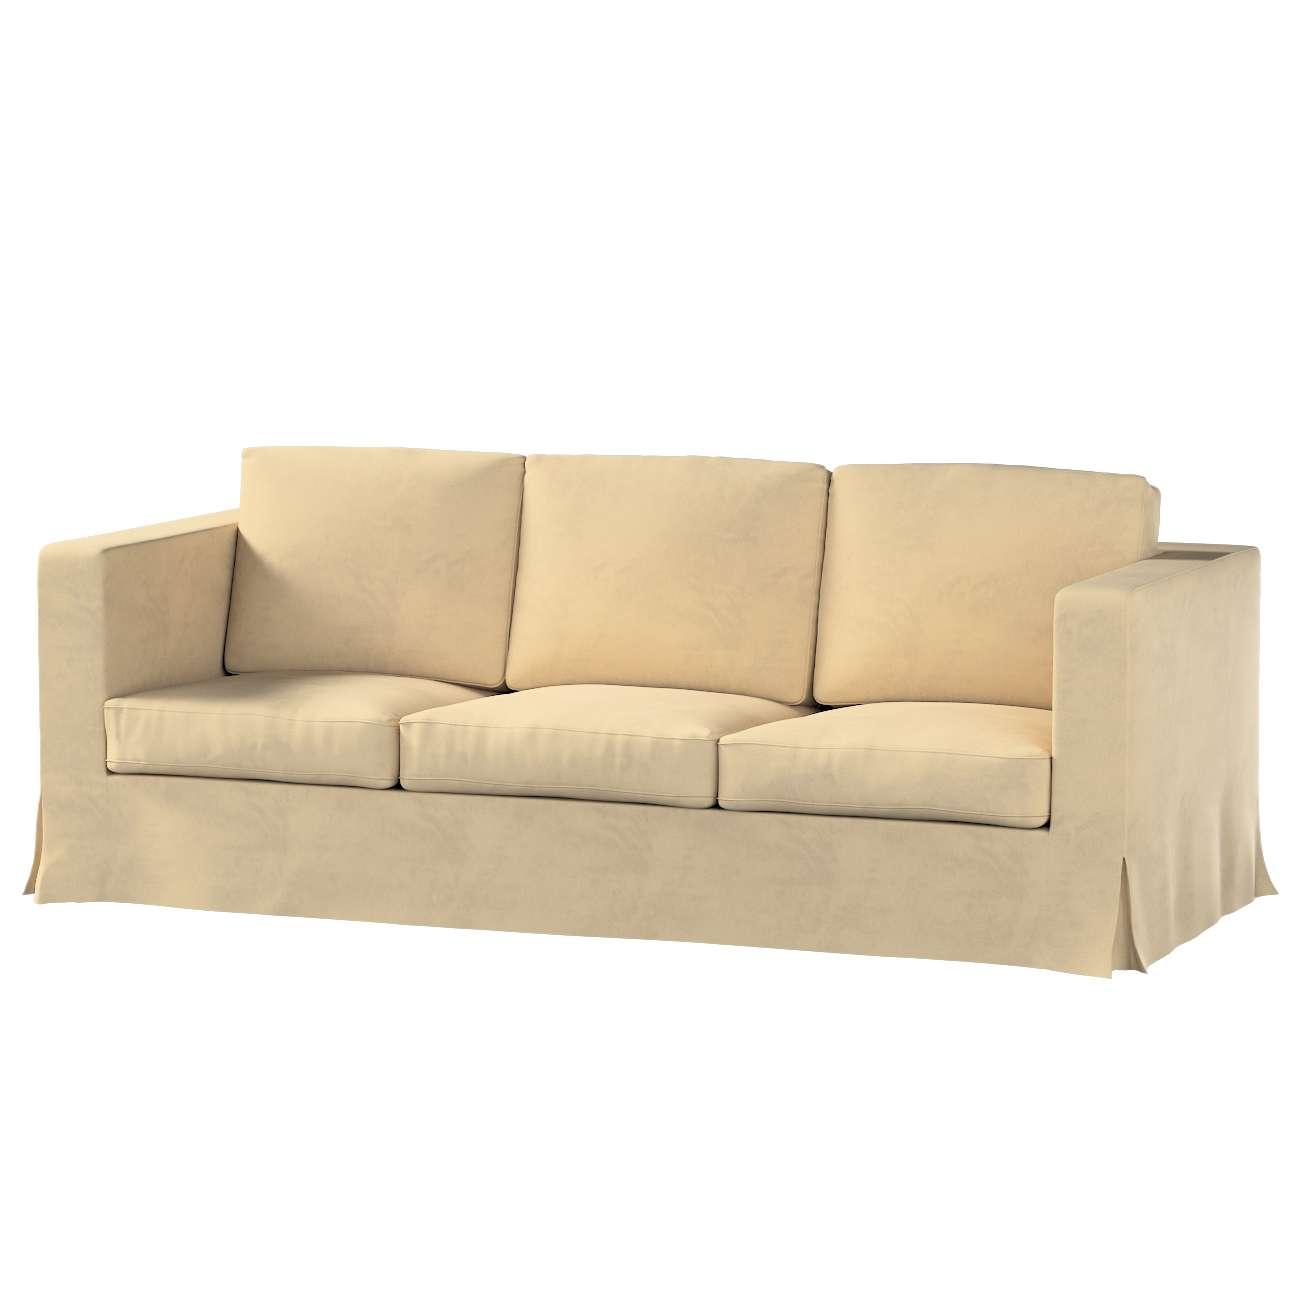 Potah na pohovku IKEA  Karlanda 3-místná nerozkládací, dlouhý v kolekci Living II, látka: 160-82